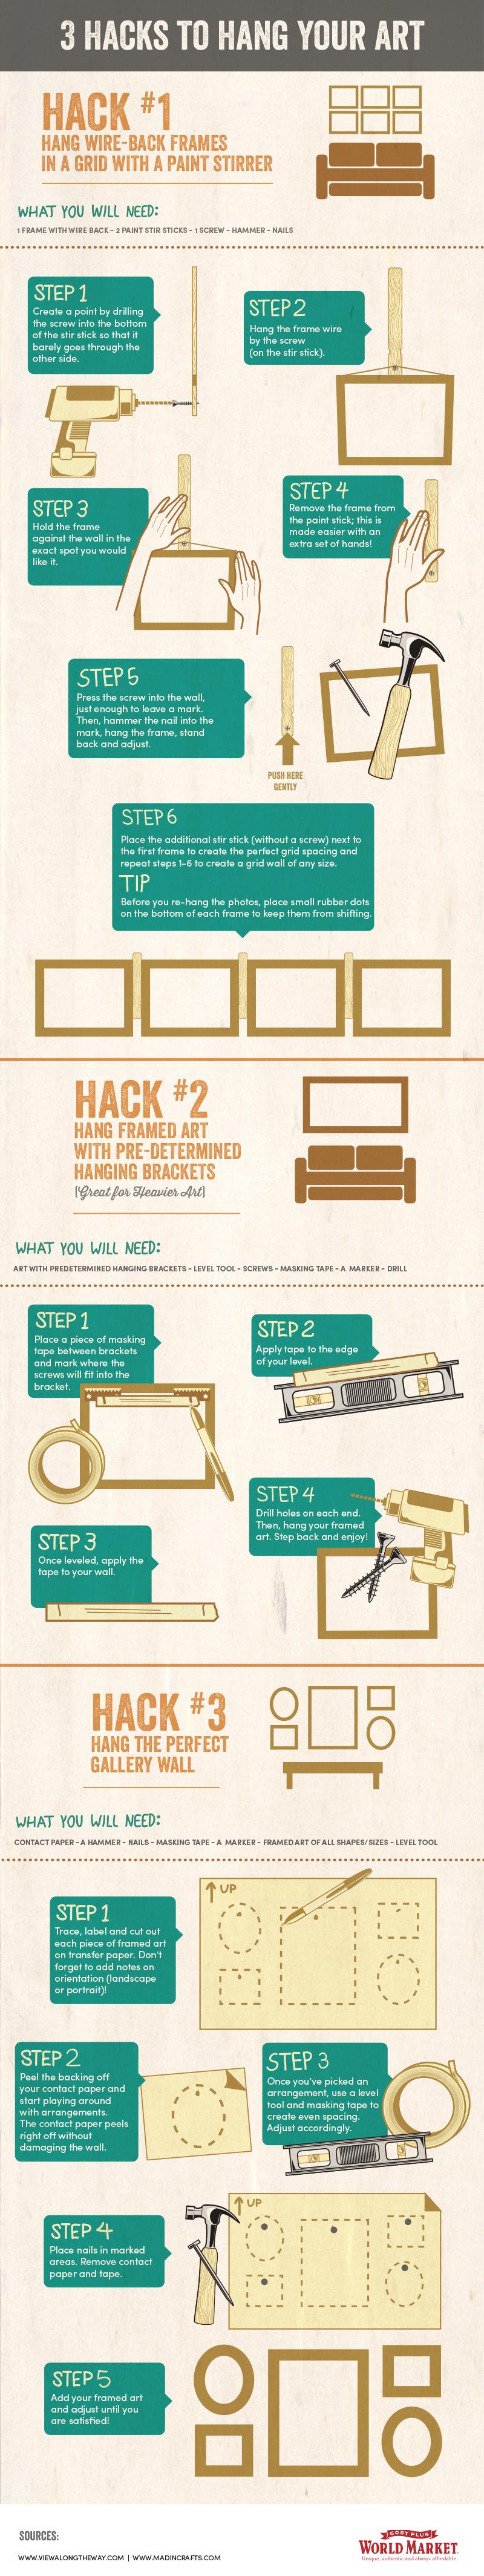 hang_your_art_hacks